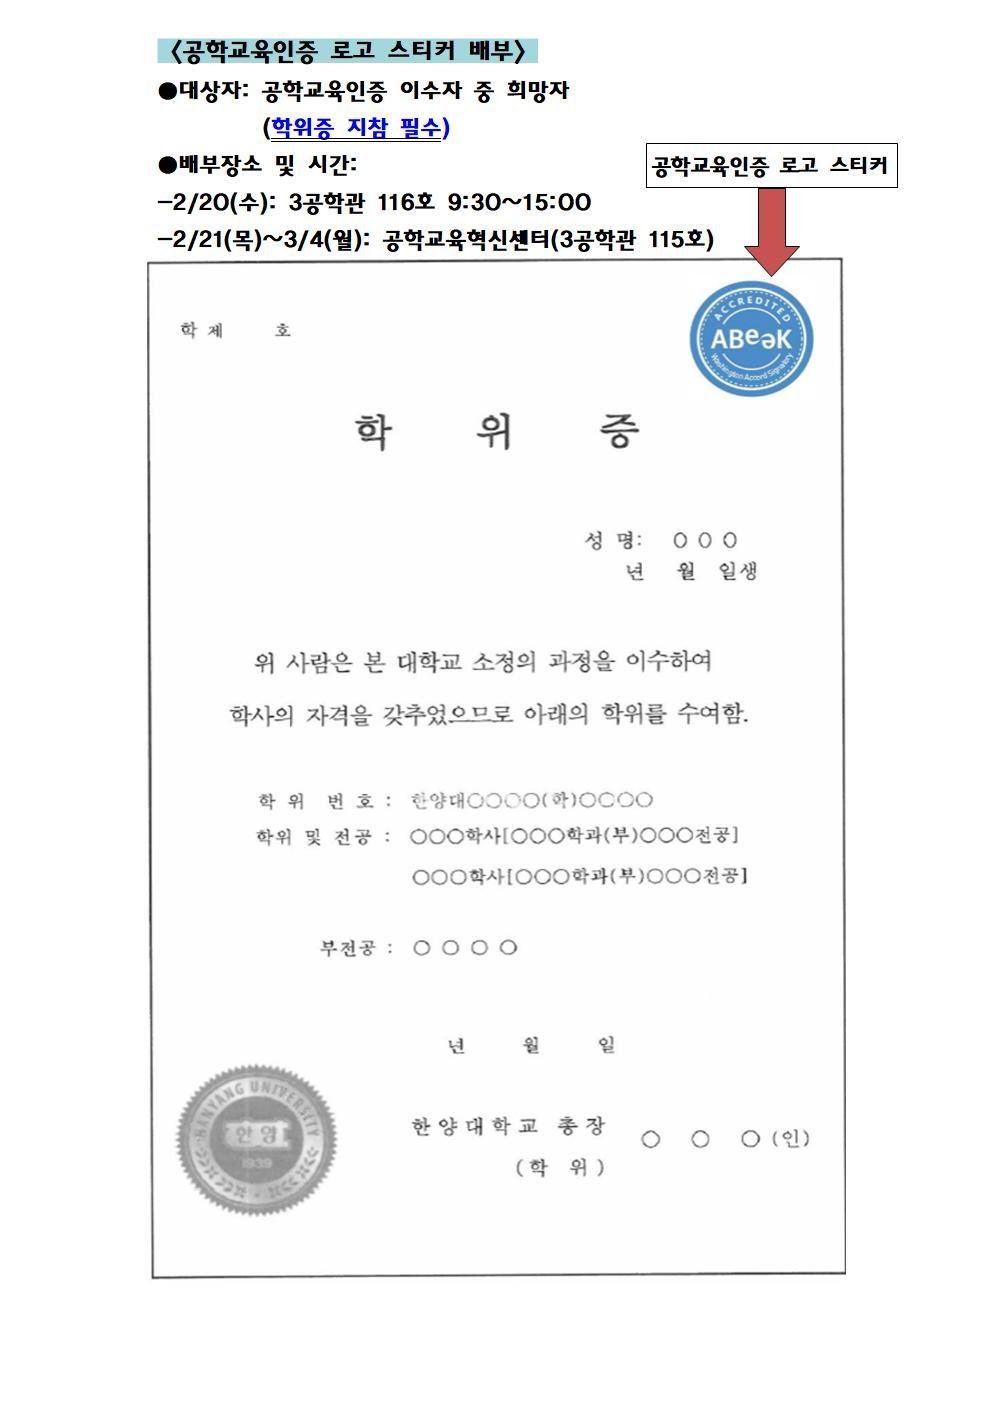 공학교육인증 로고 스티커 배부 안내문.jpg